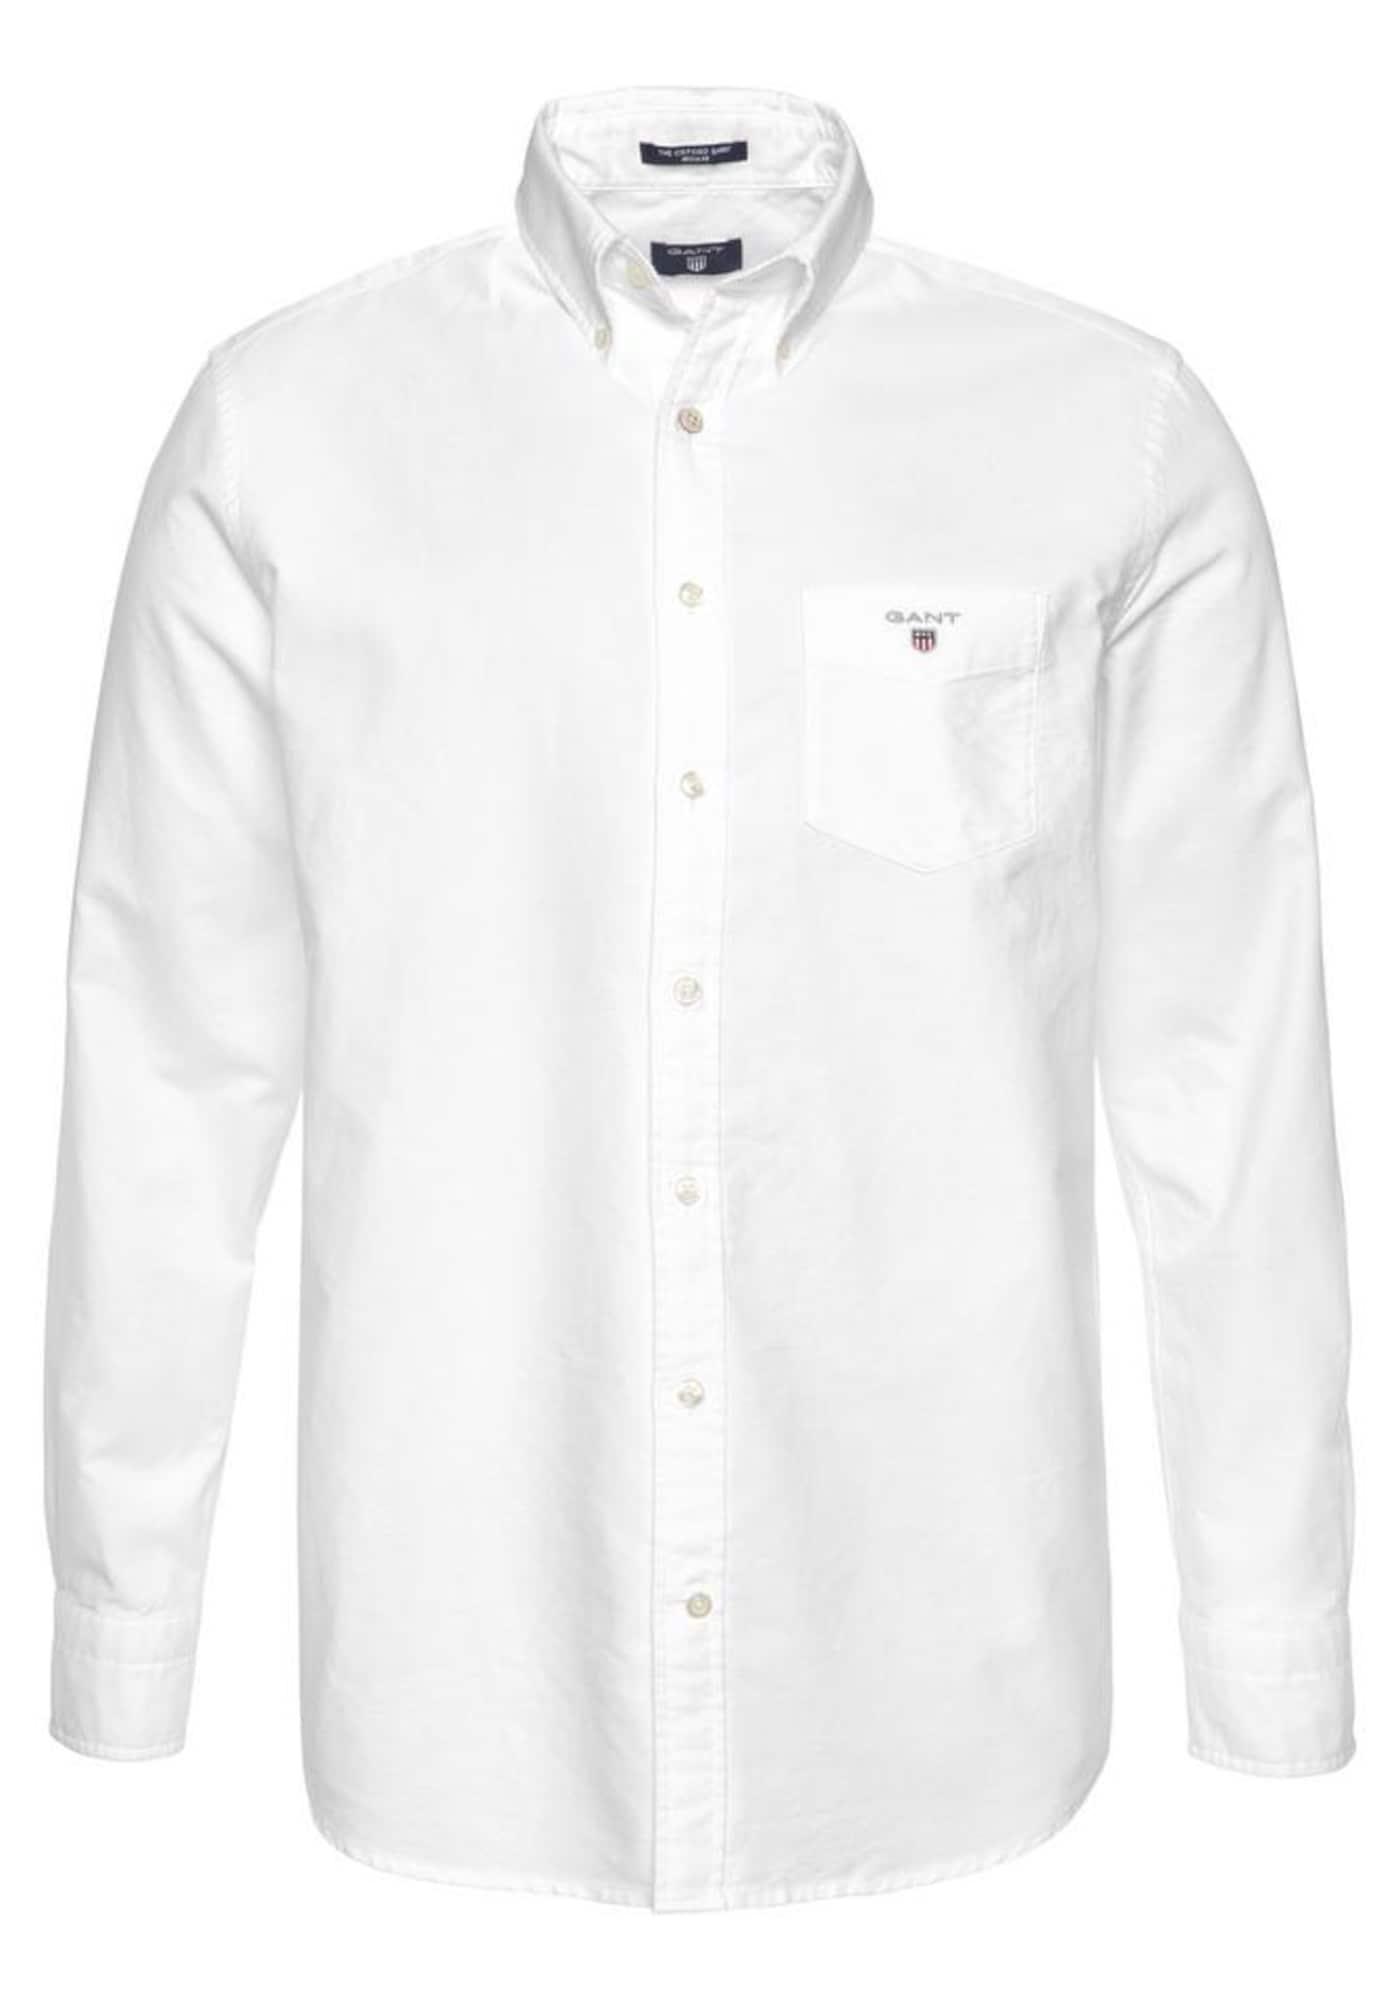 GANT Dalykinio stiliaus marškiniai